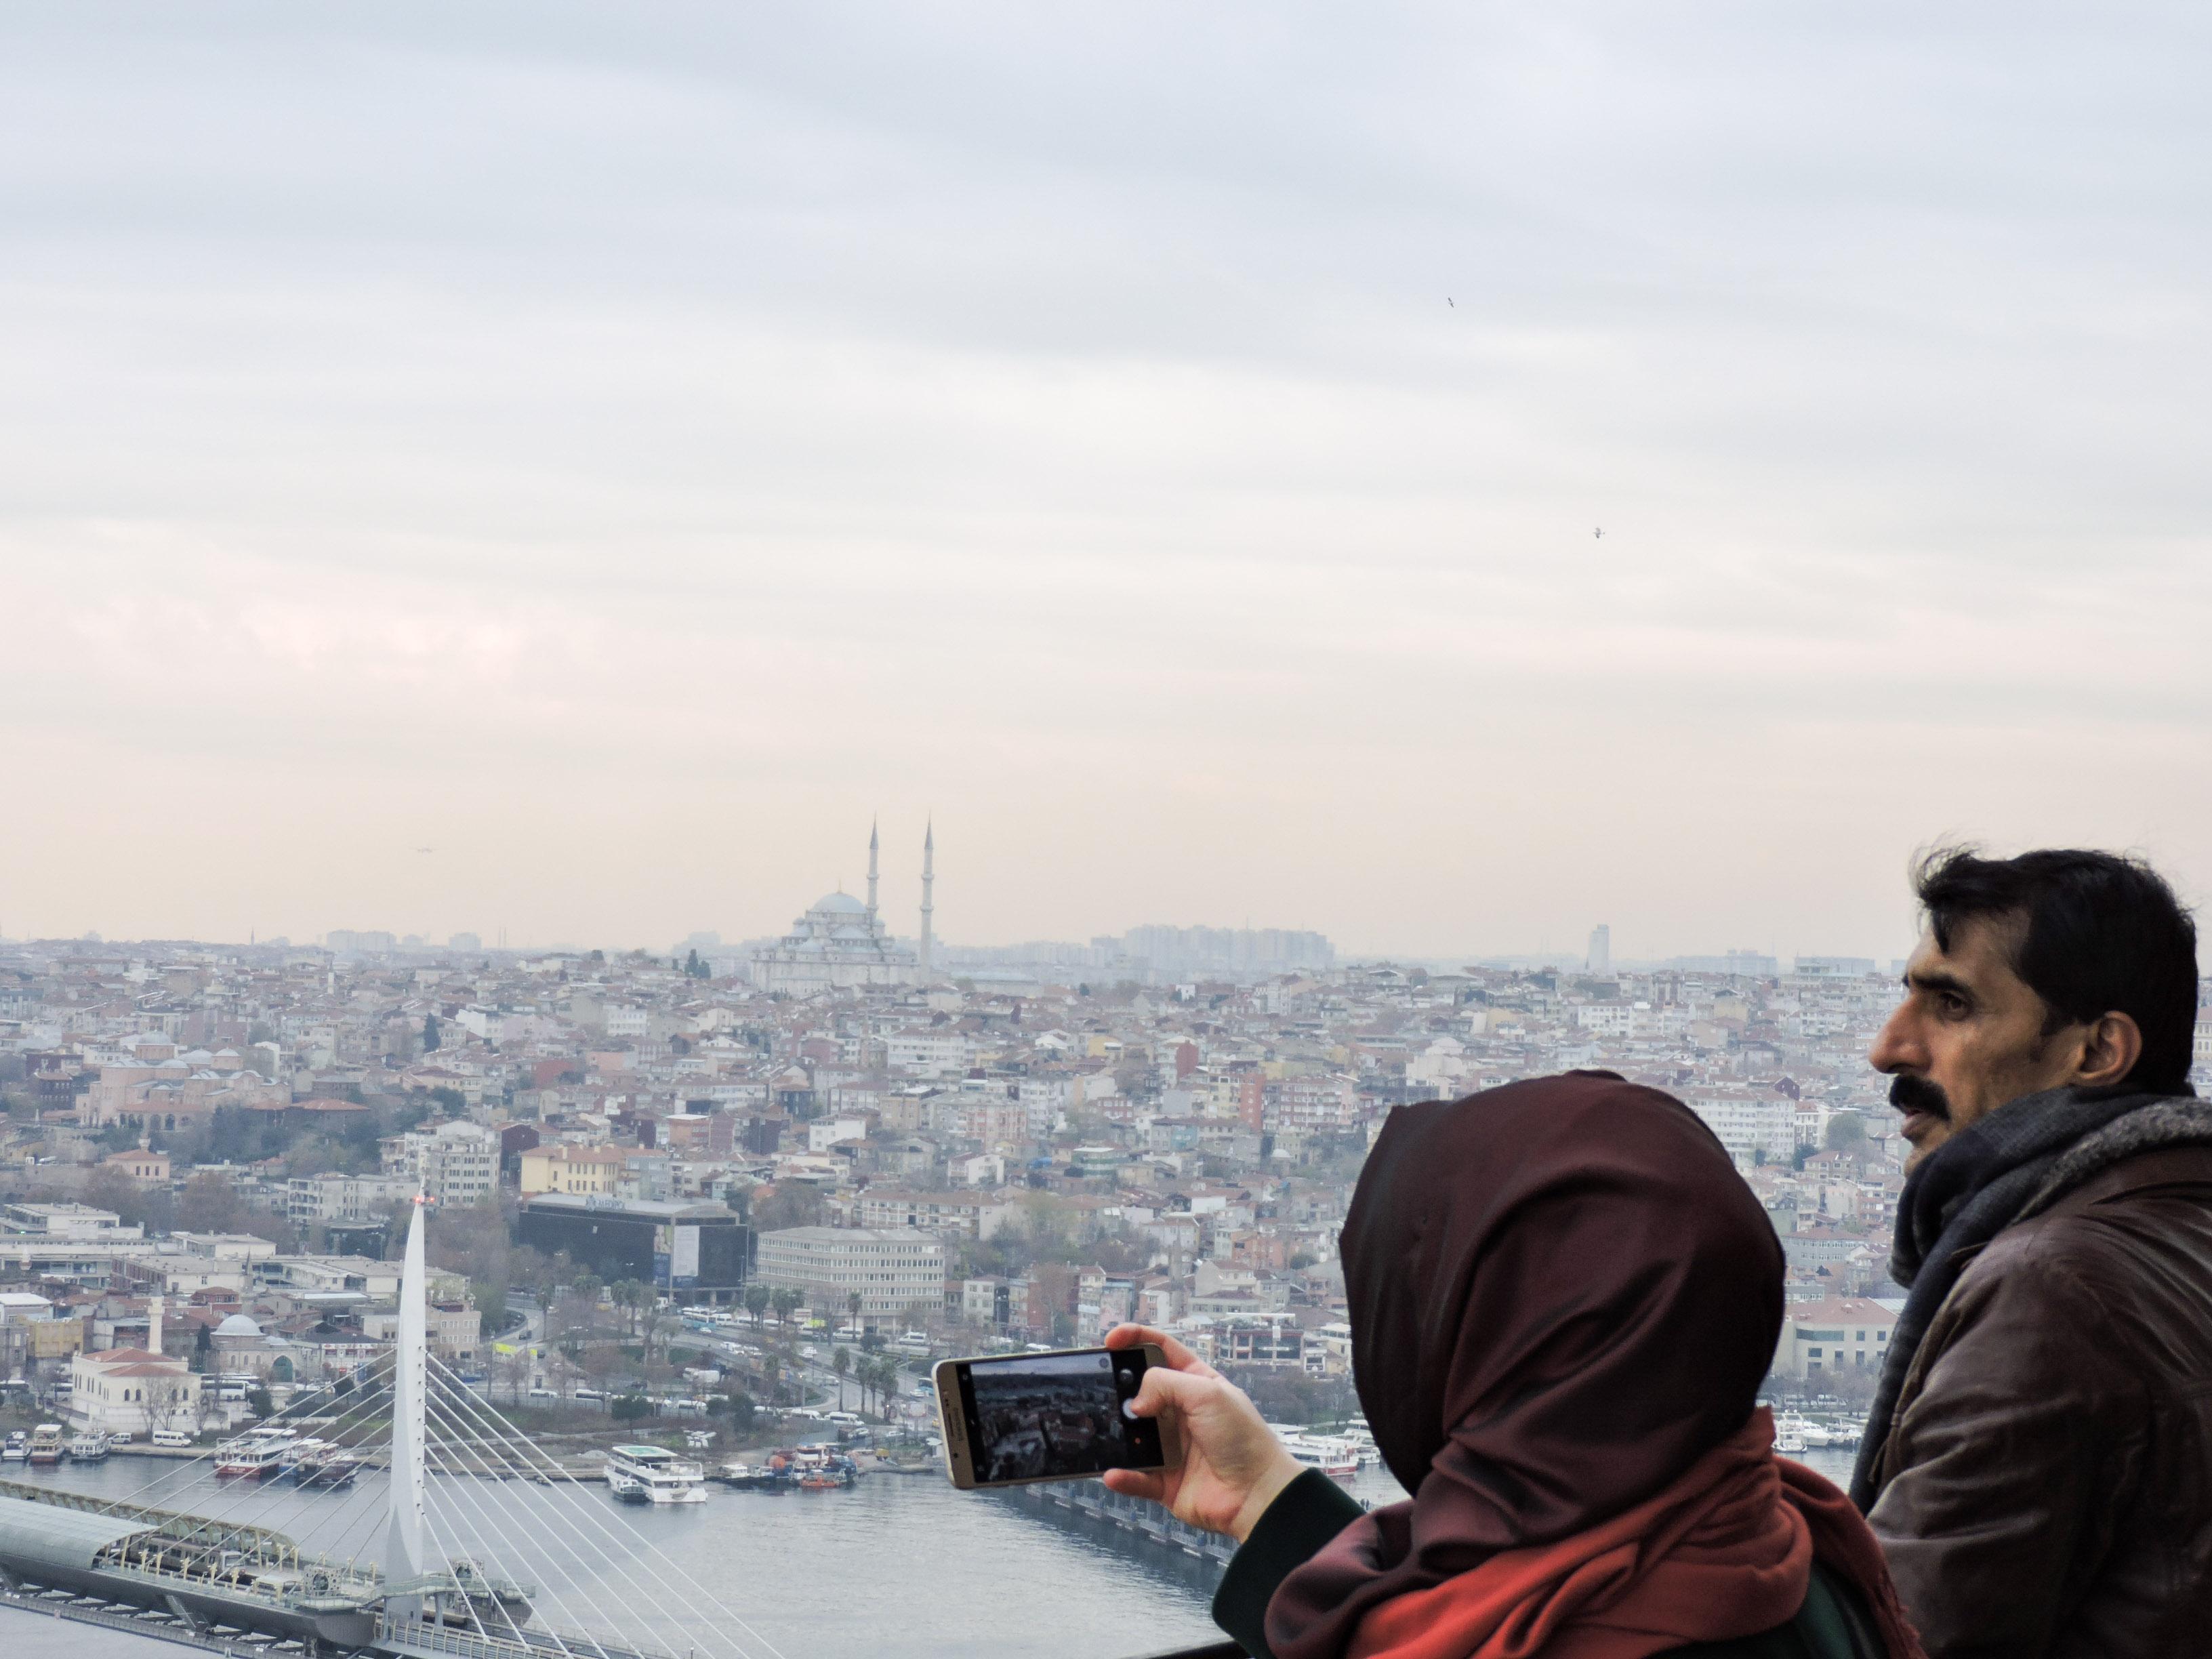 Turisti fotografano dalla torre di Galata di Istanbul